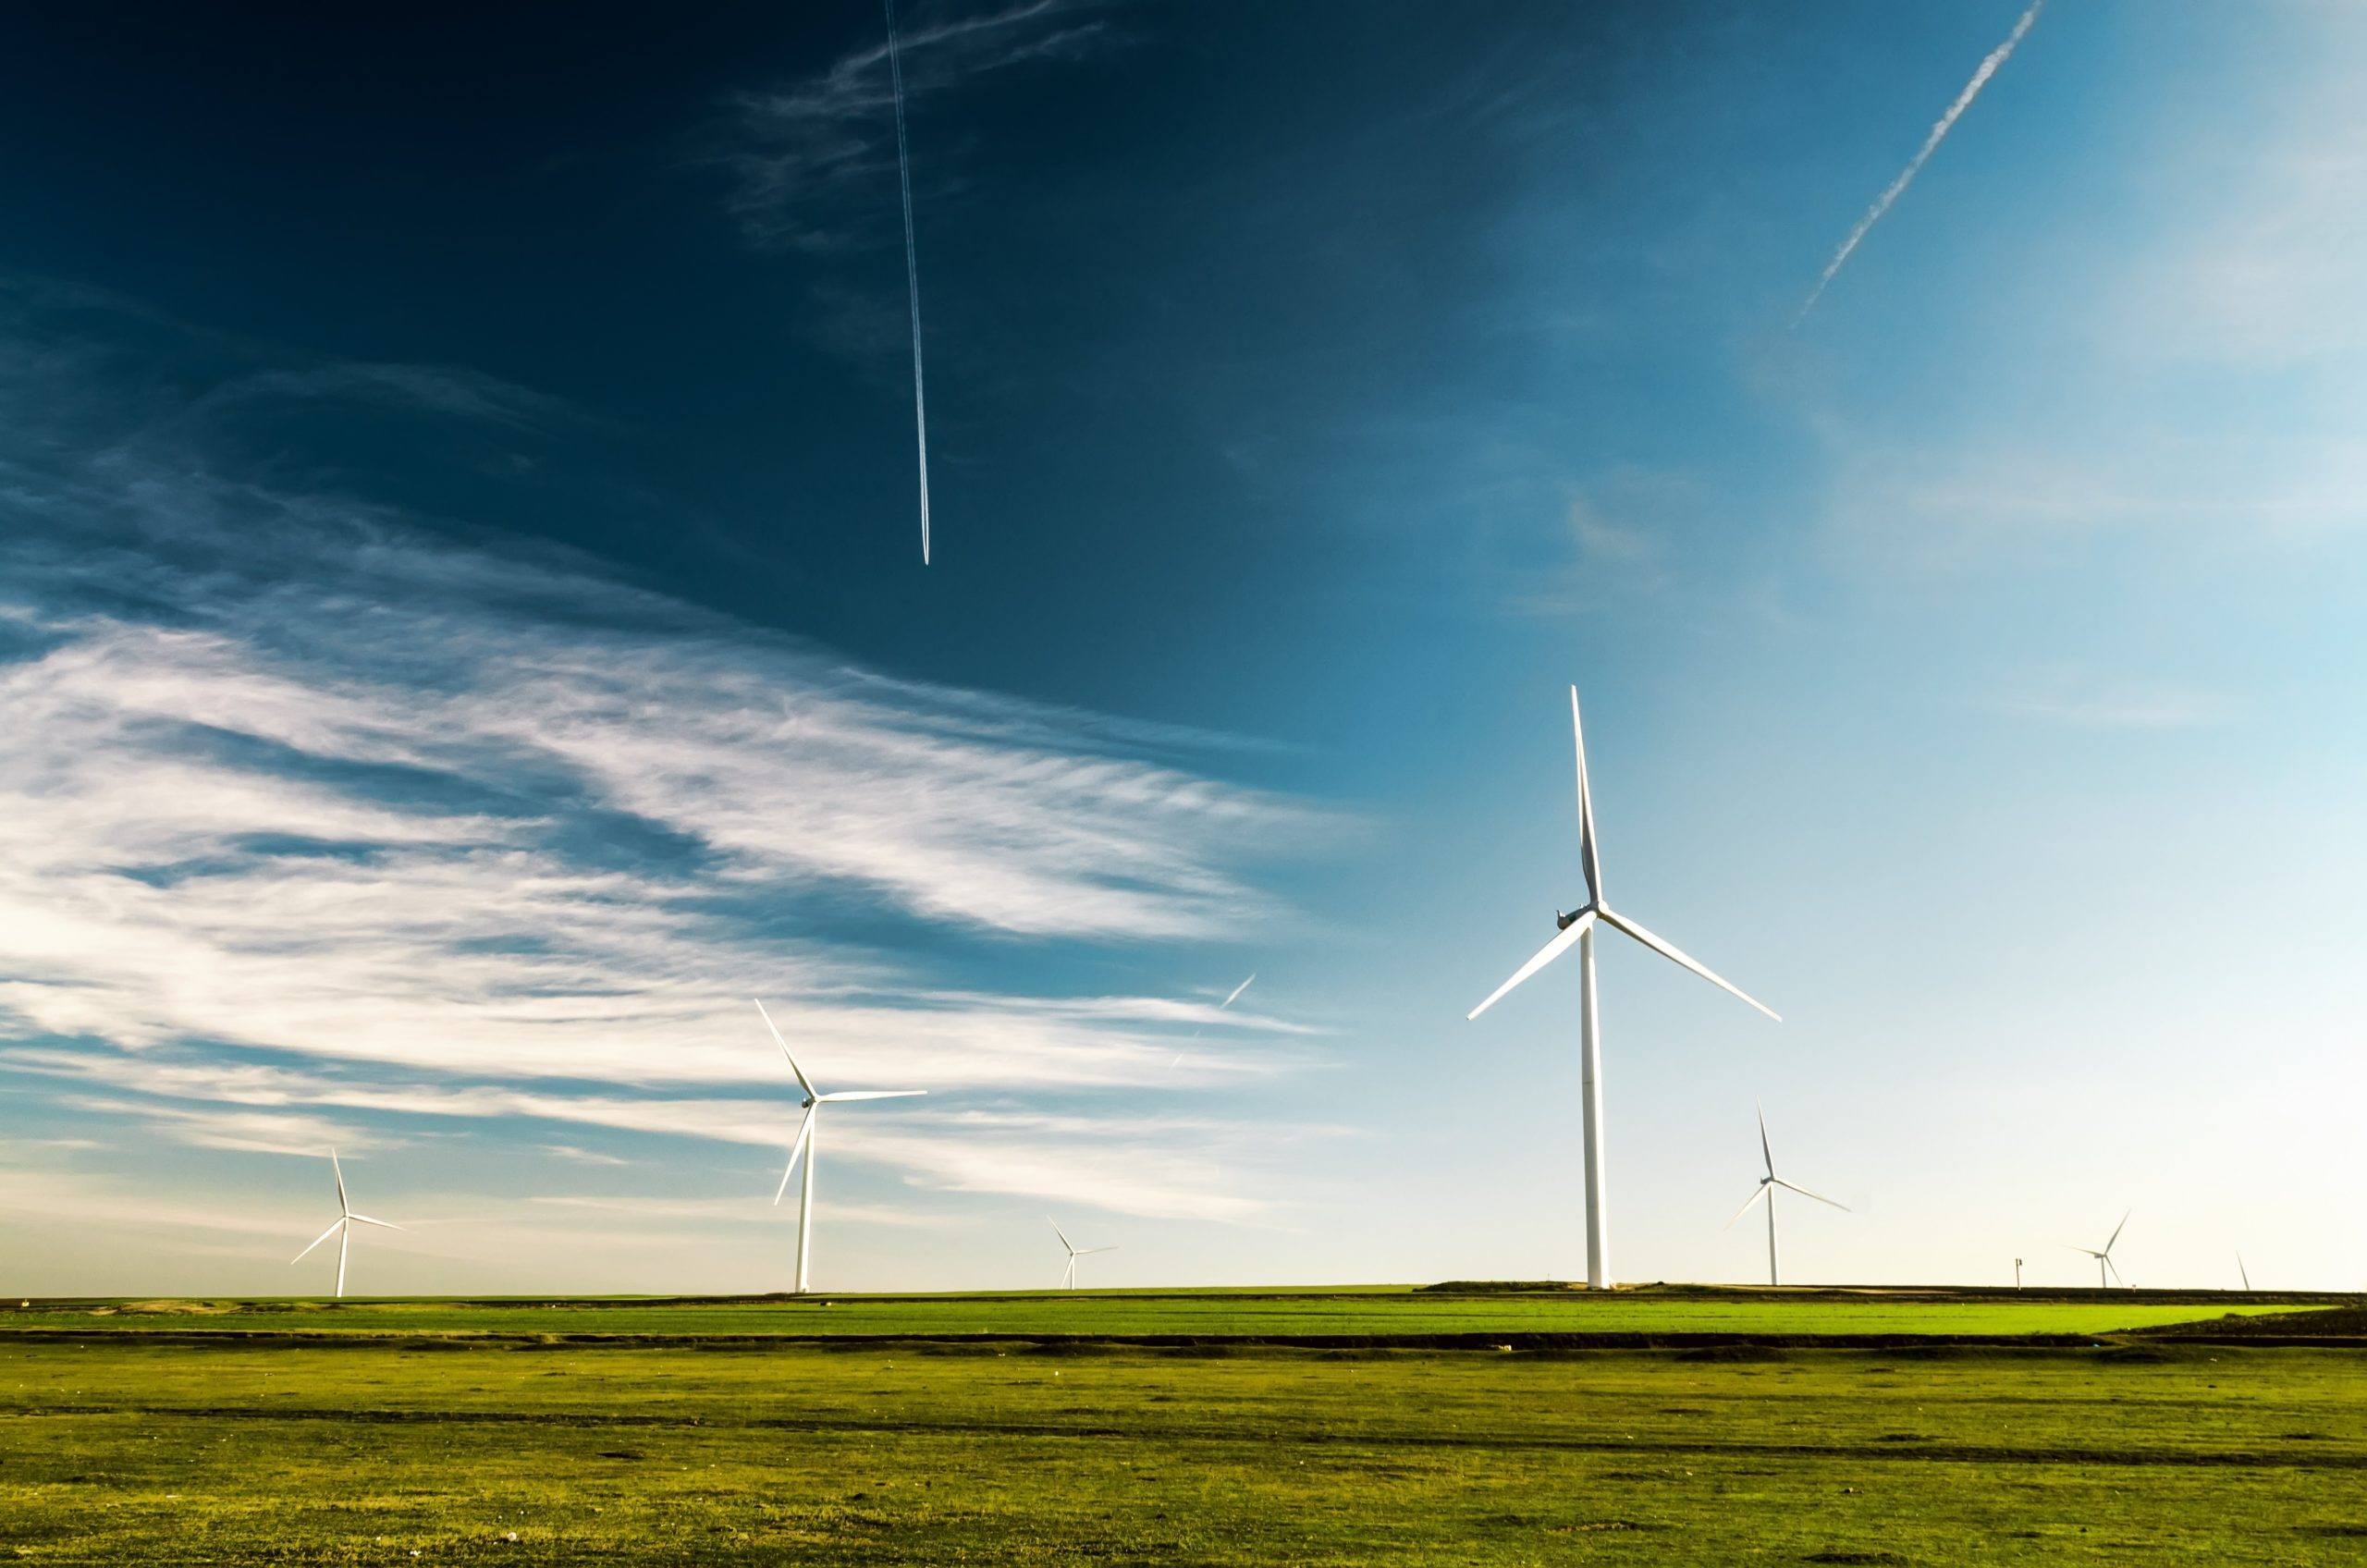 nordisk energi vindmølle spar penge på strøm